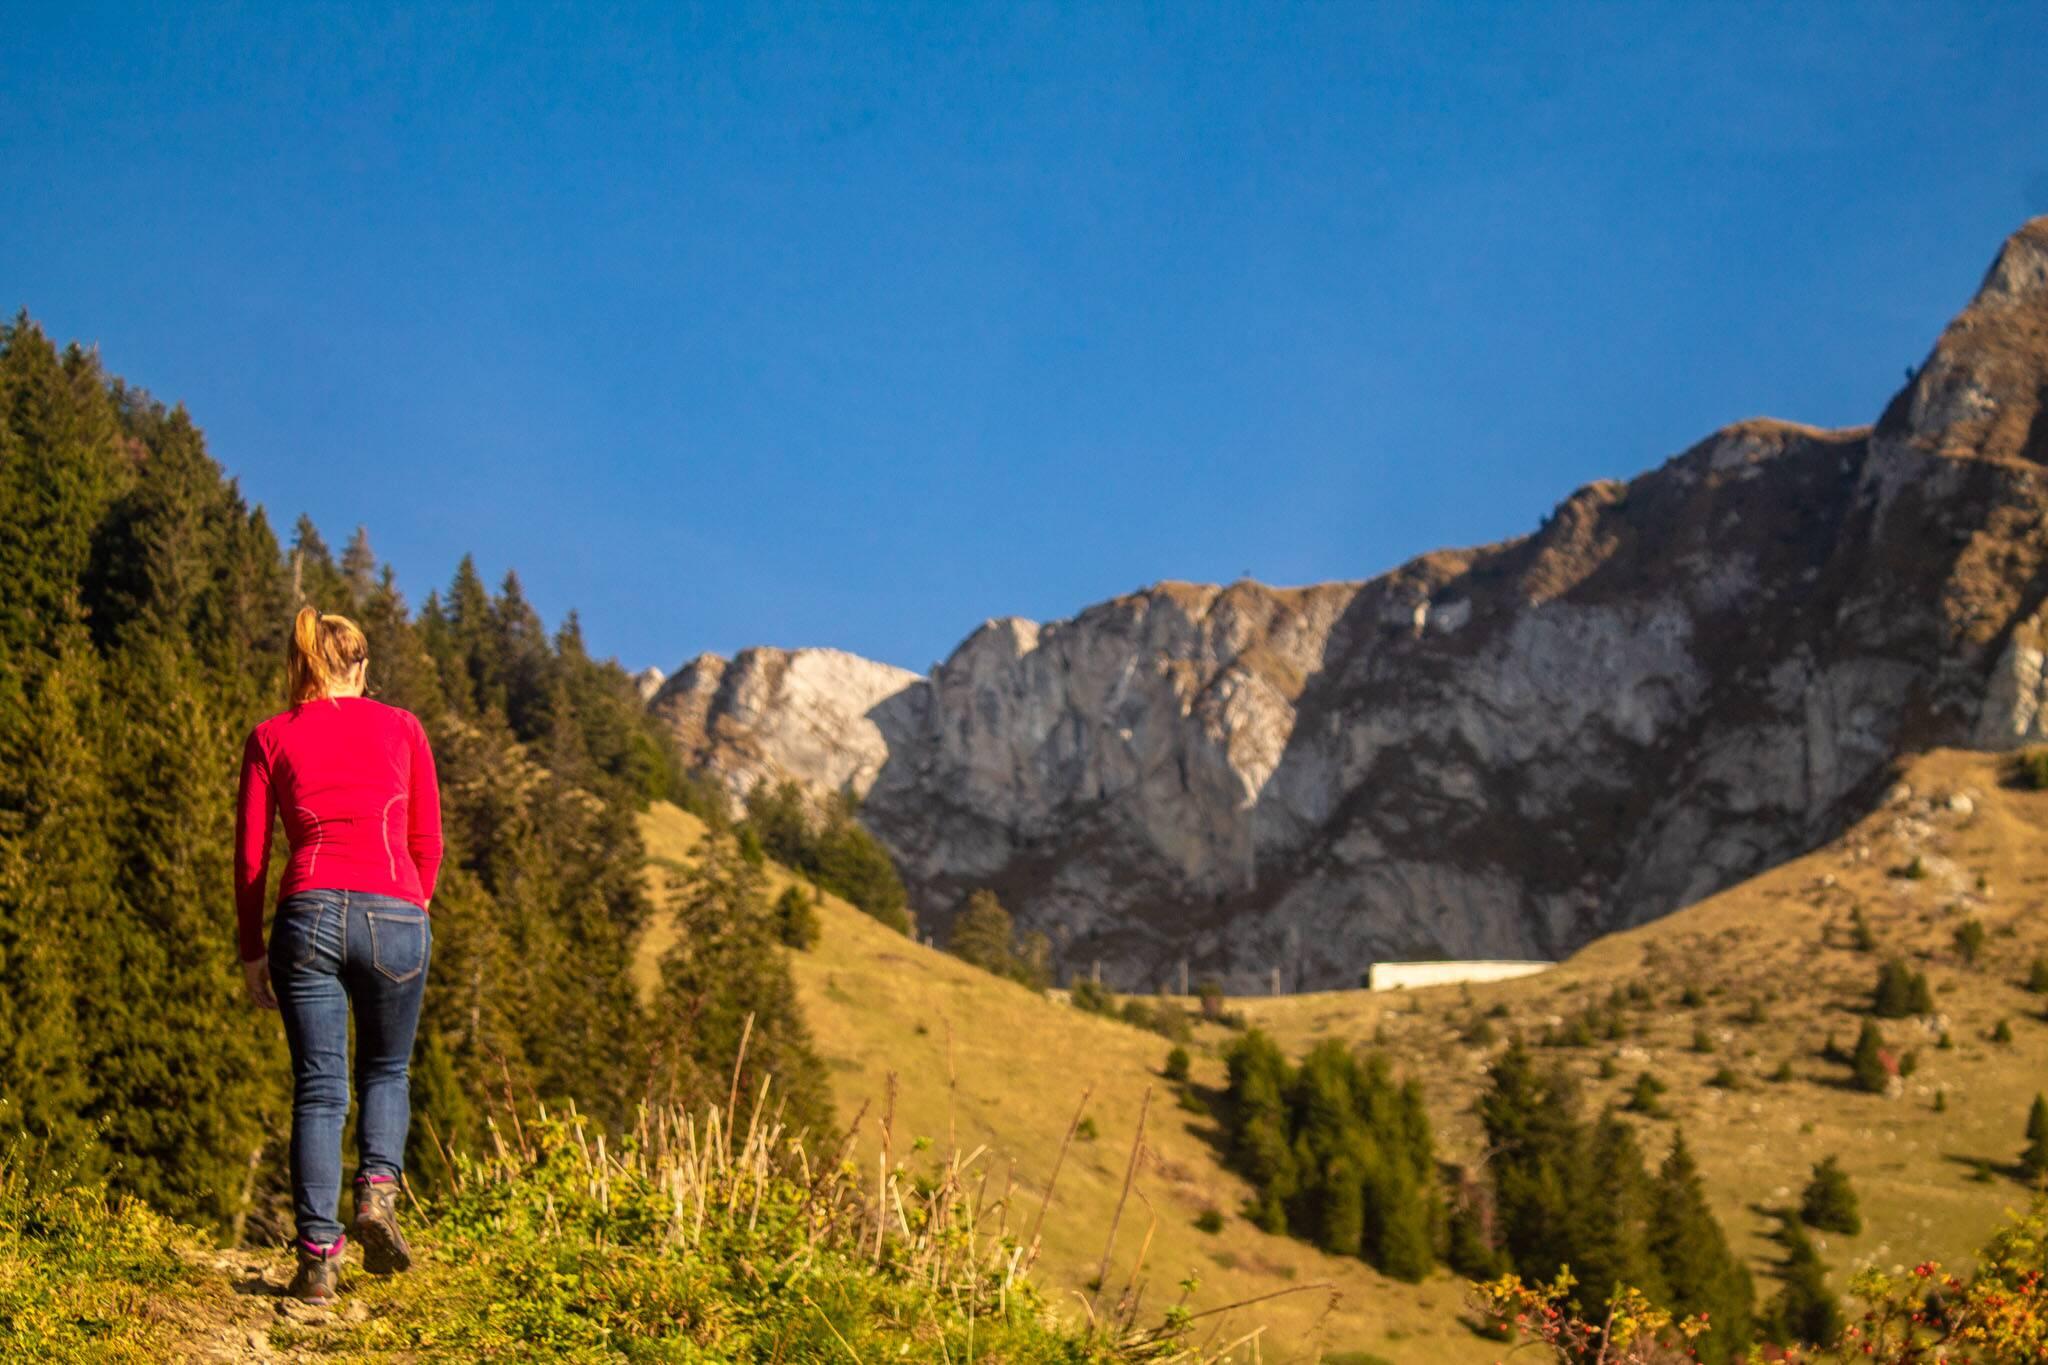 Victória subindo a trilha da montanha Rochers De Naye, na Suiça. - o que levar para uma trilha